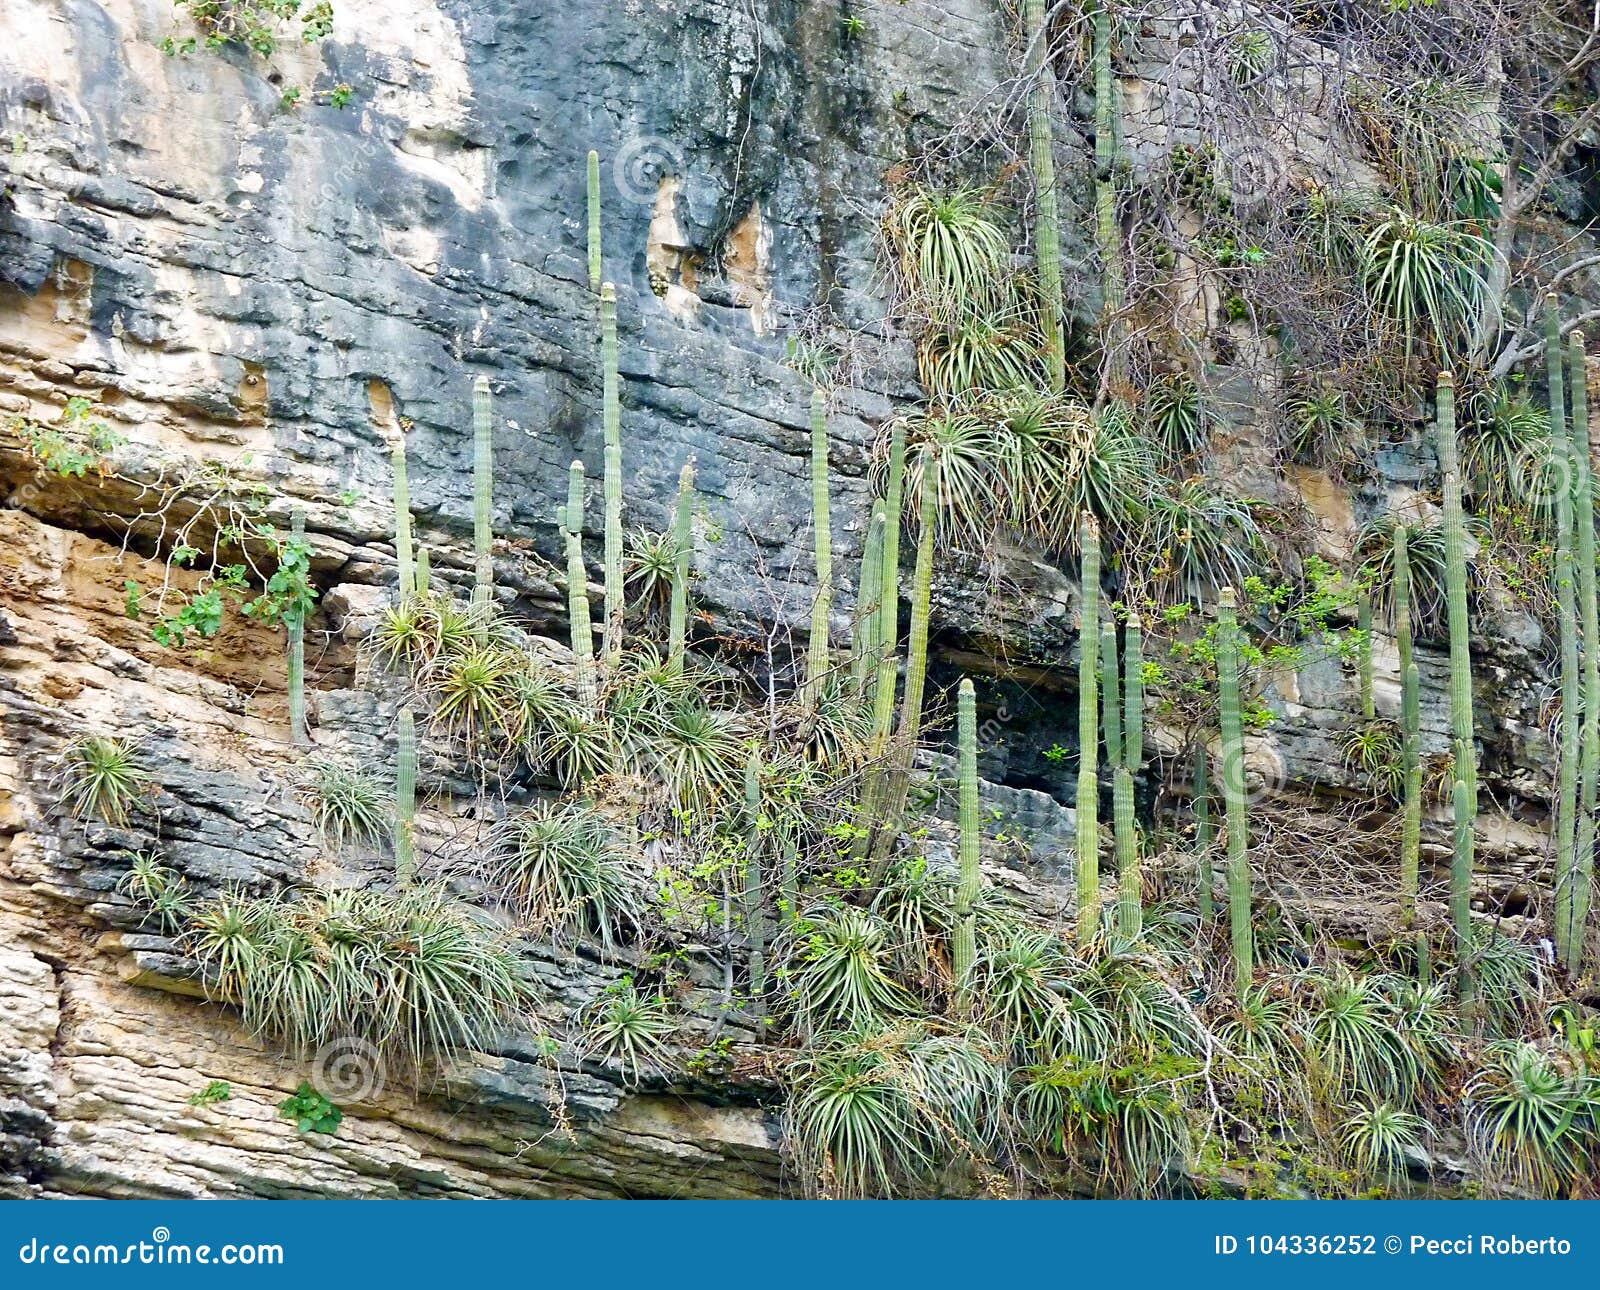 Messico, Chiapas, Tabasco, Tuxtla Gutiérrez, Canyon Del Sumidero, Kaktus auf den Schluchtwänden